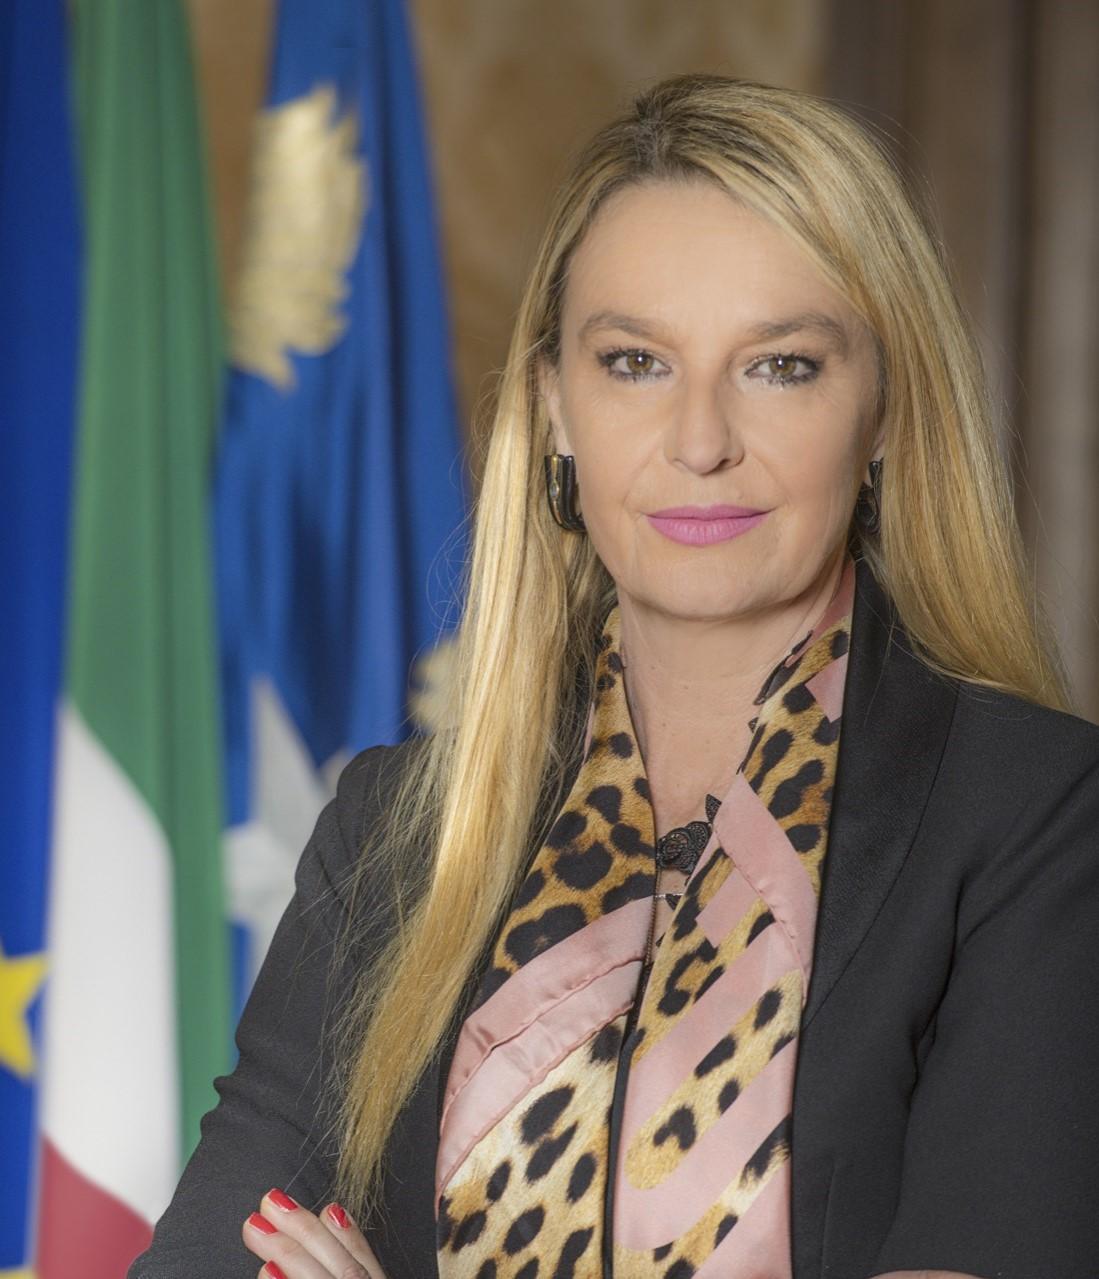 Sottosegretario Pucciarelli: opera dedicata ai Marinai d'Italia per mantenere viva la memoria di quanti hanno sacrificato la vita per il nostro Paese.